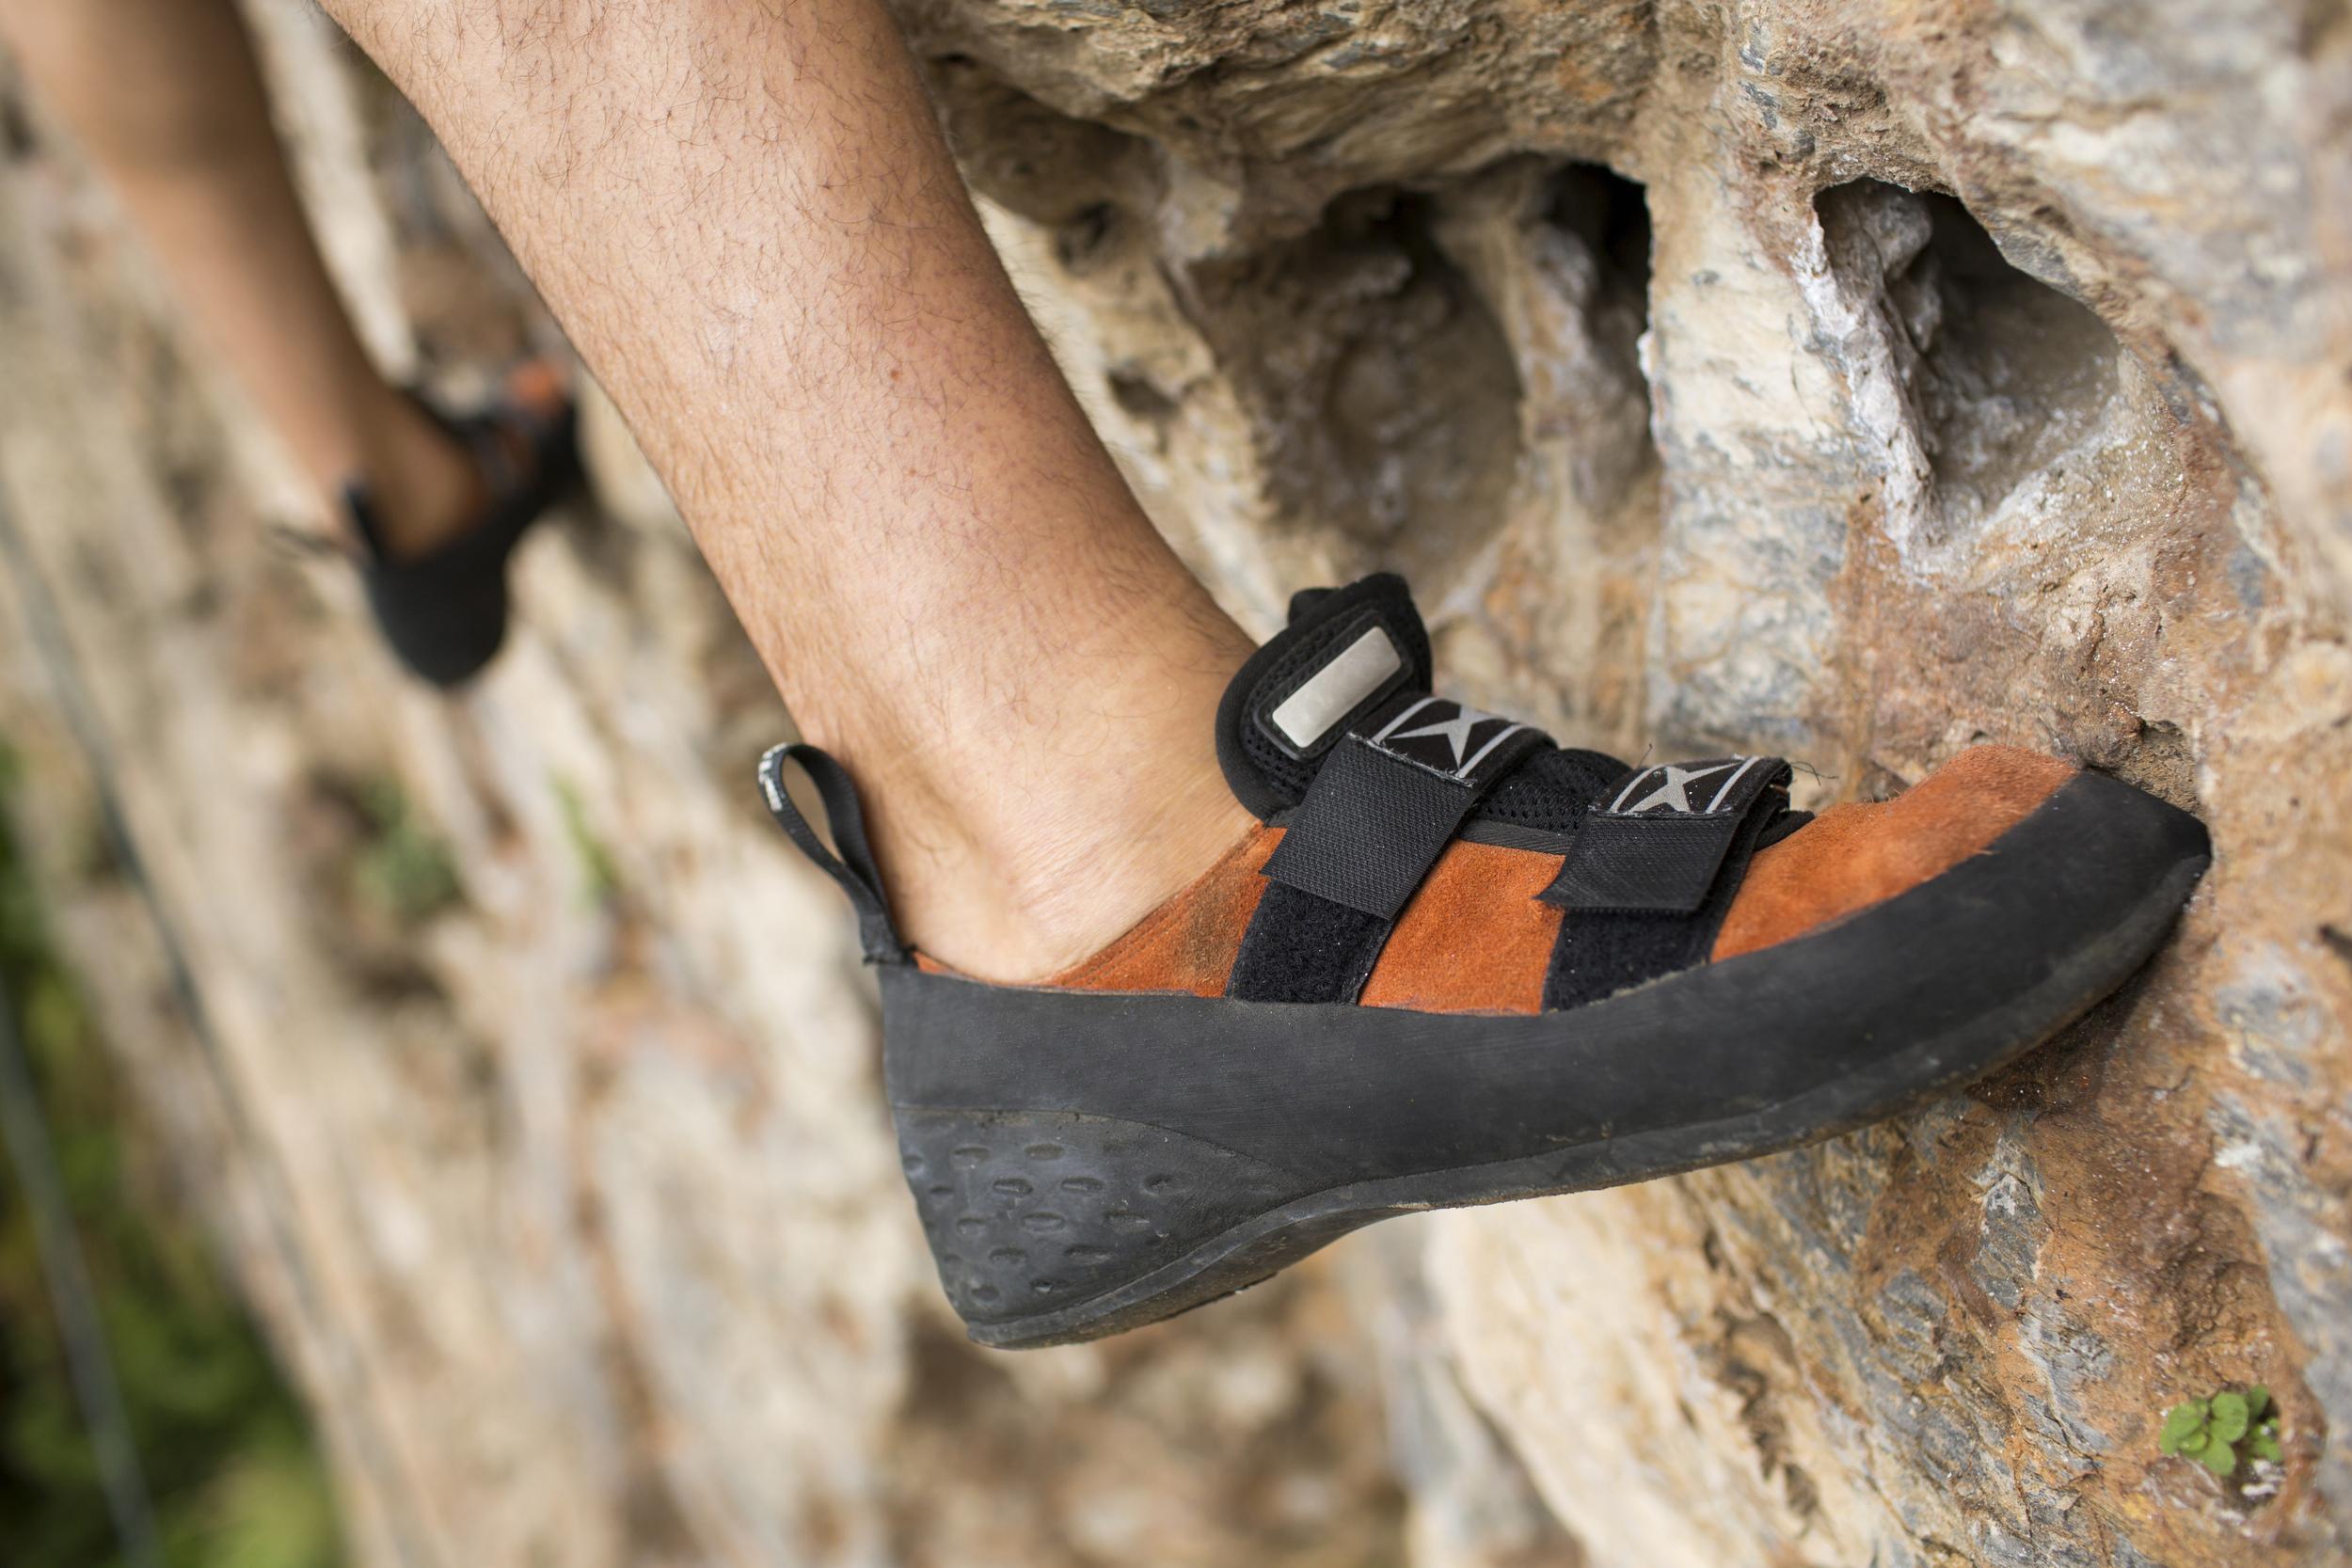 rock-climbing shoes gear